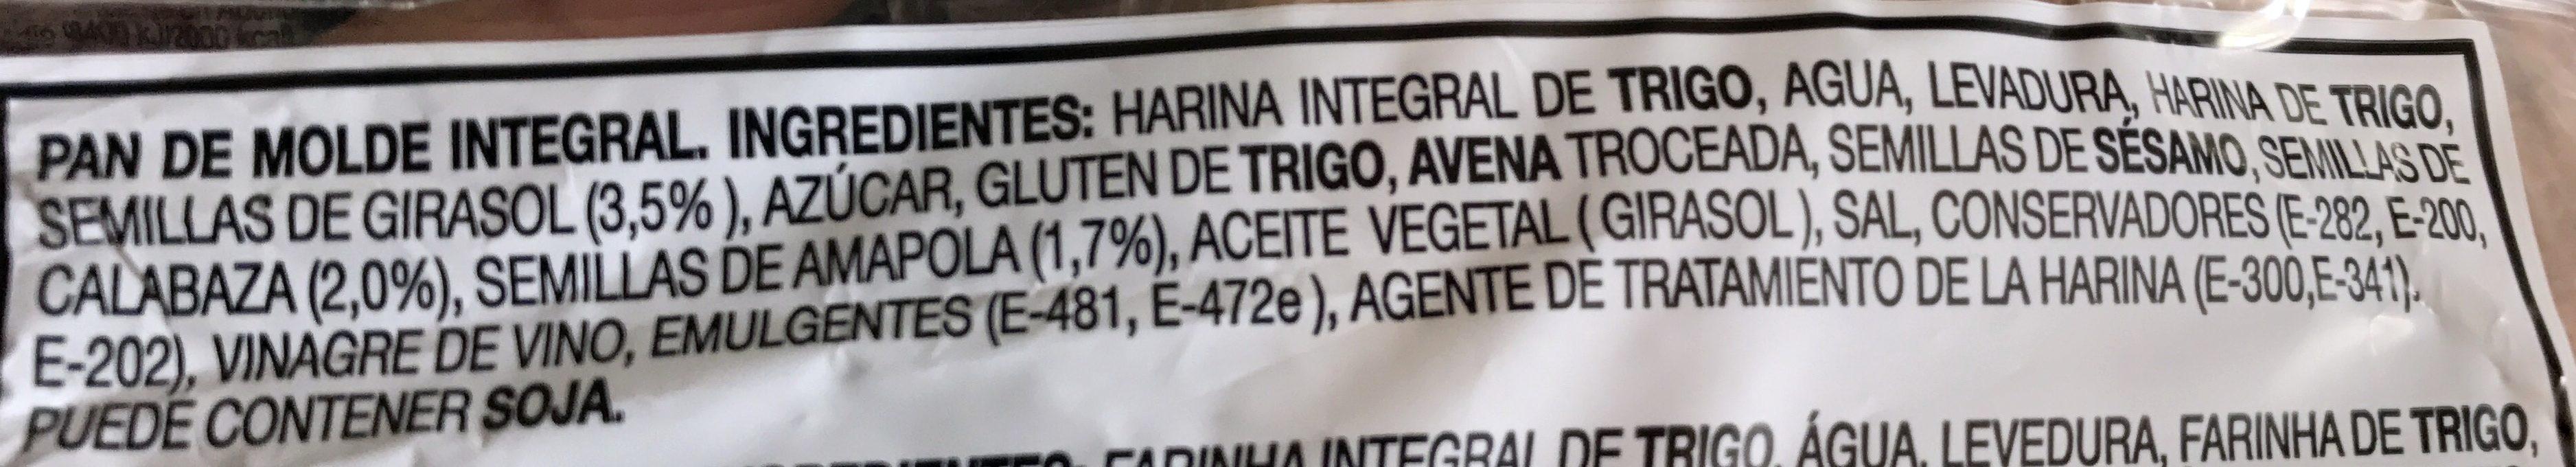 Pan de Pipas de Girasol y Calabaza Oroweat - Ingredientes - es